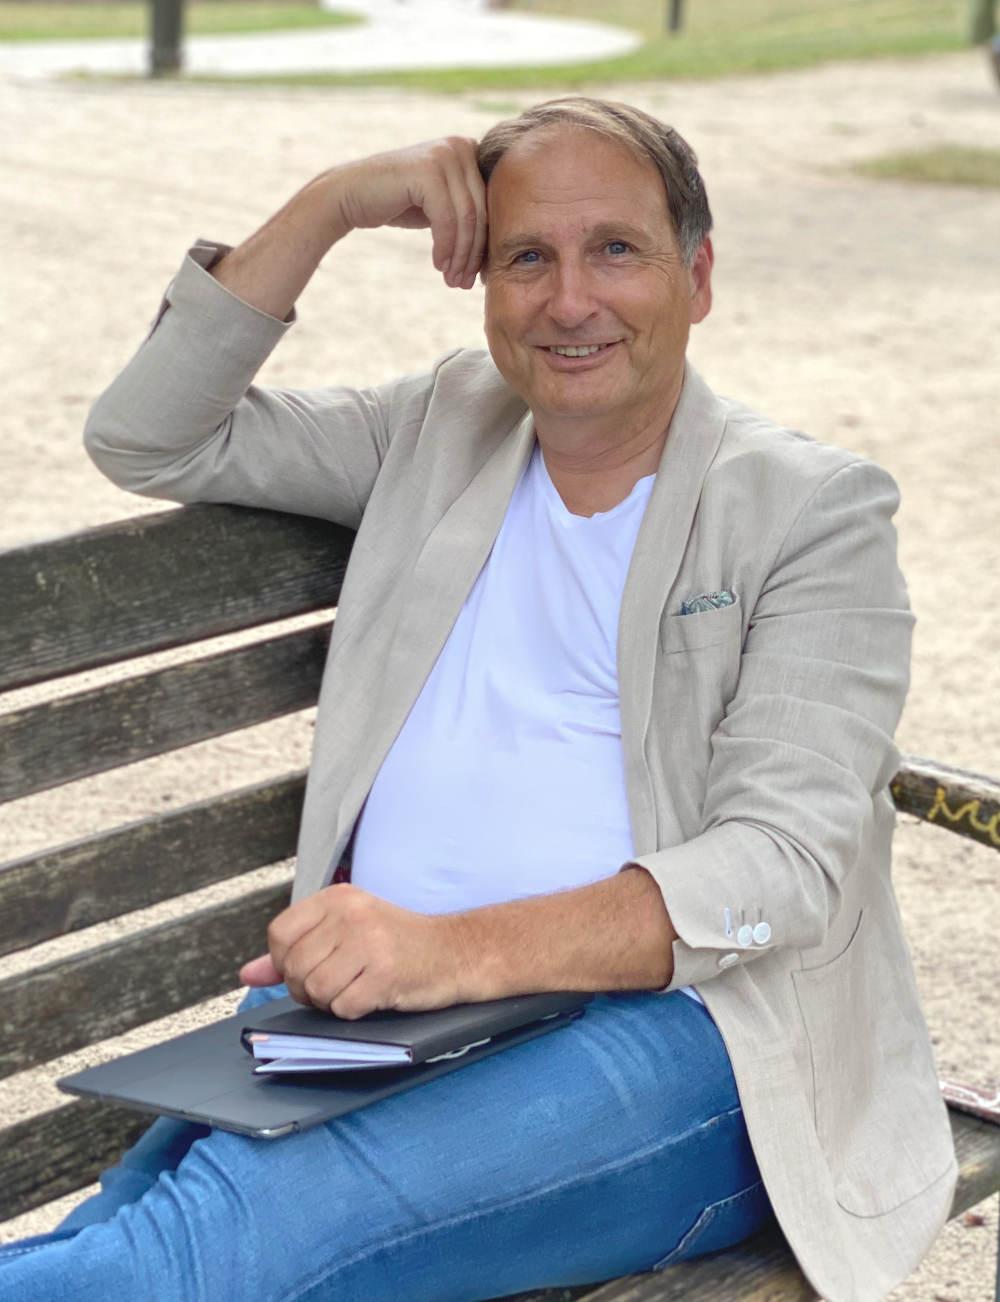 Versicherungsberater Gerd Güssler sitzt lächelnd auf einer Parkbank